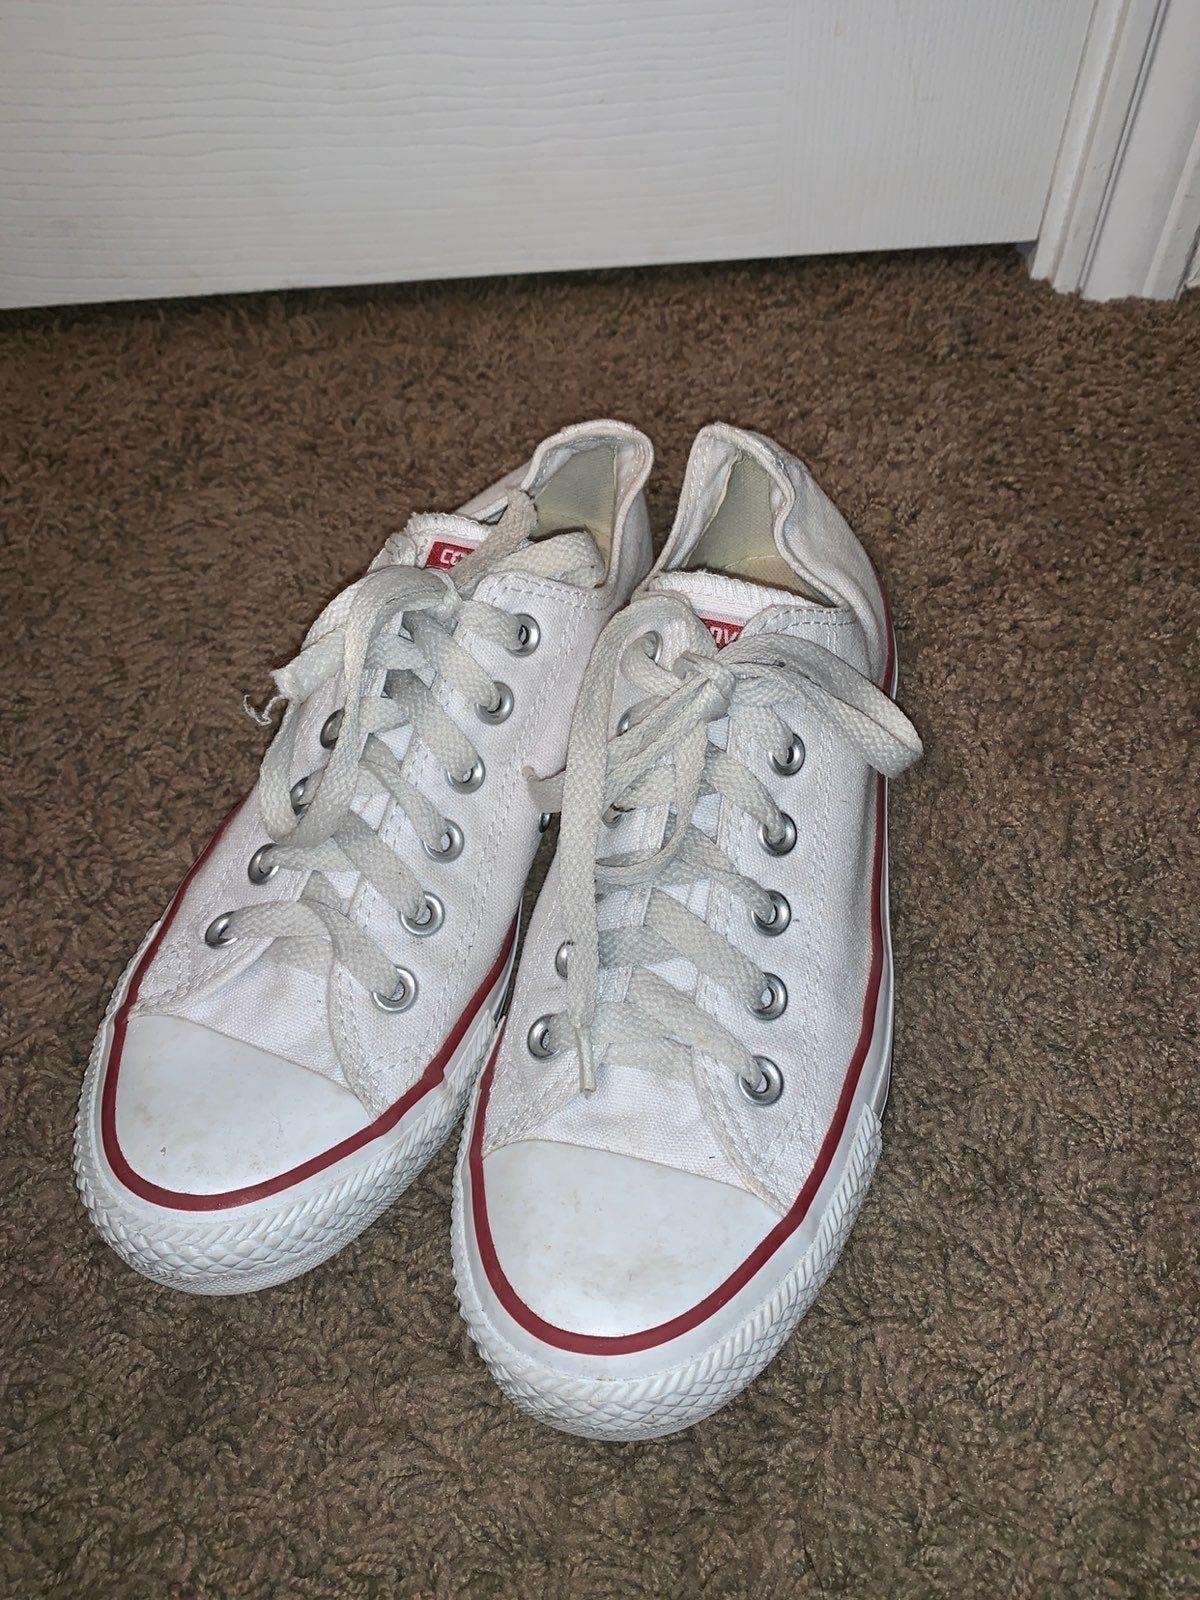 White converse. Women's size 7.5